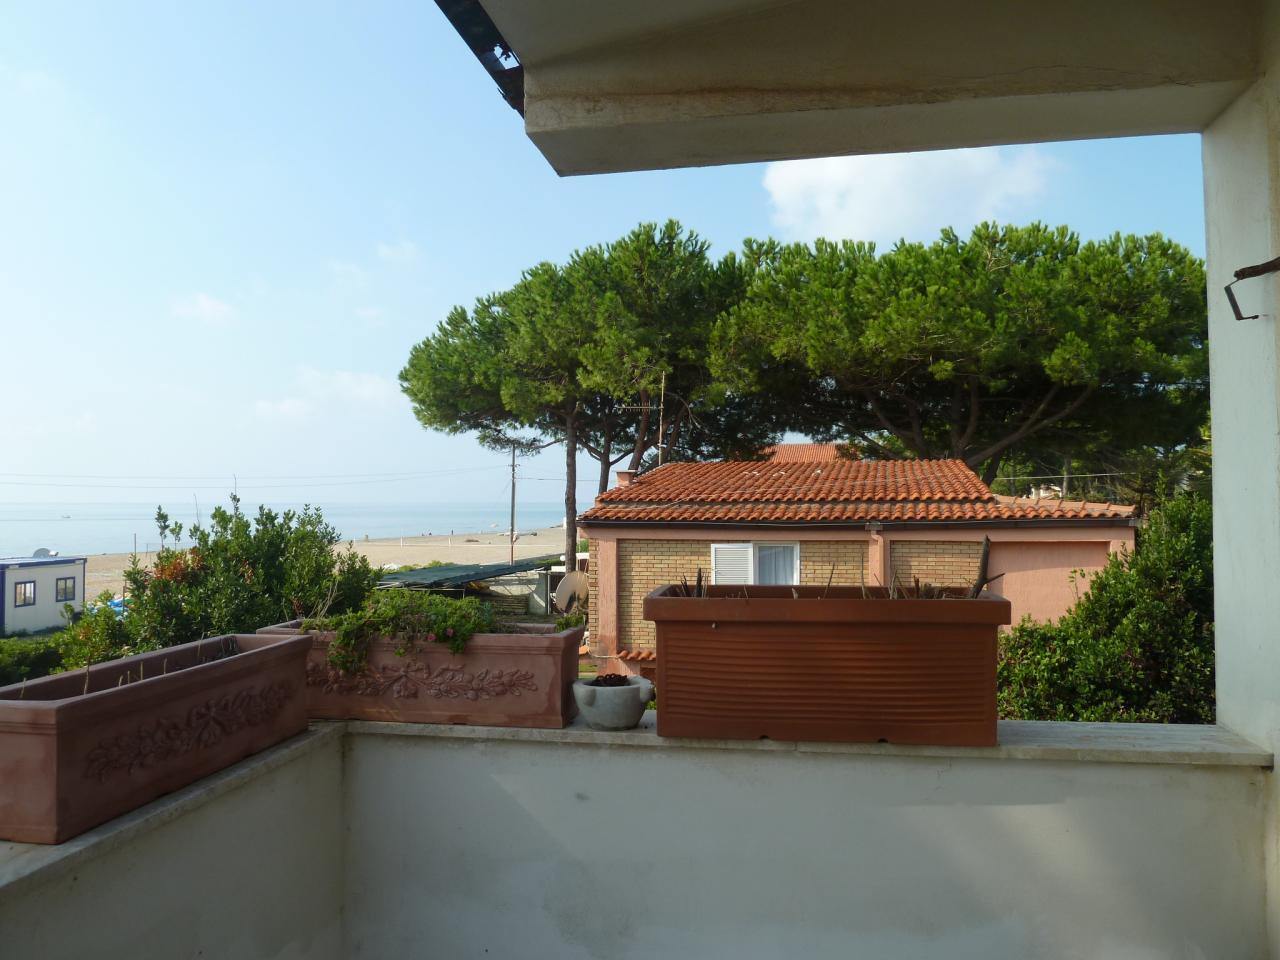 Immobili in vendita immobiliare il porto terracina for Case in vendita terracina